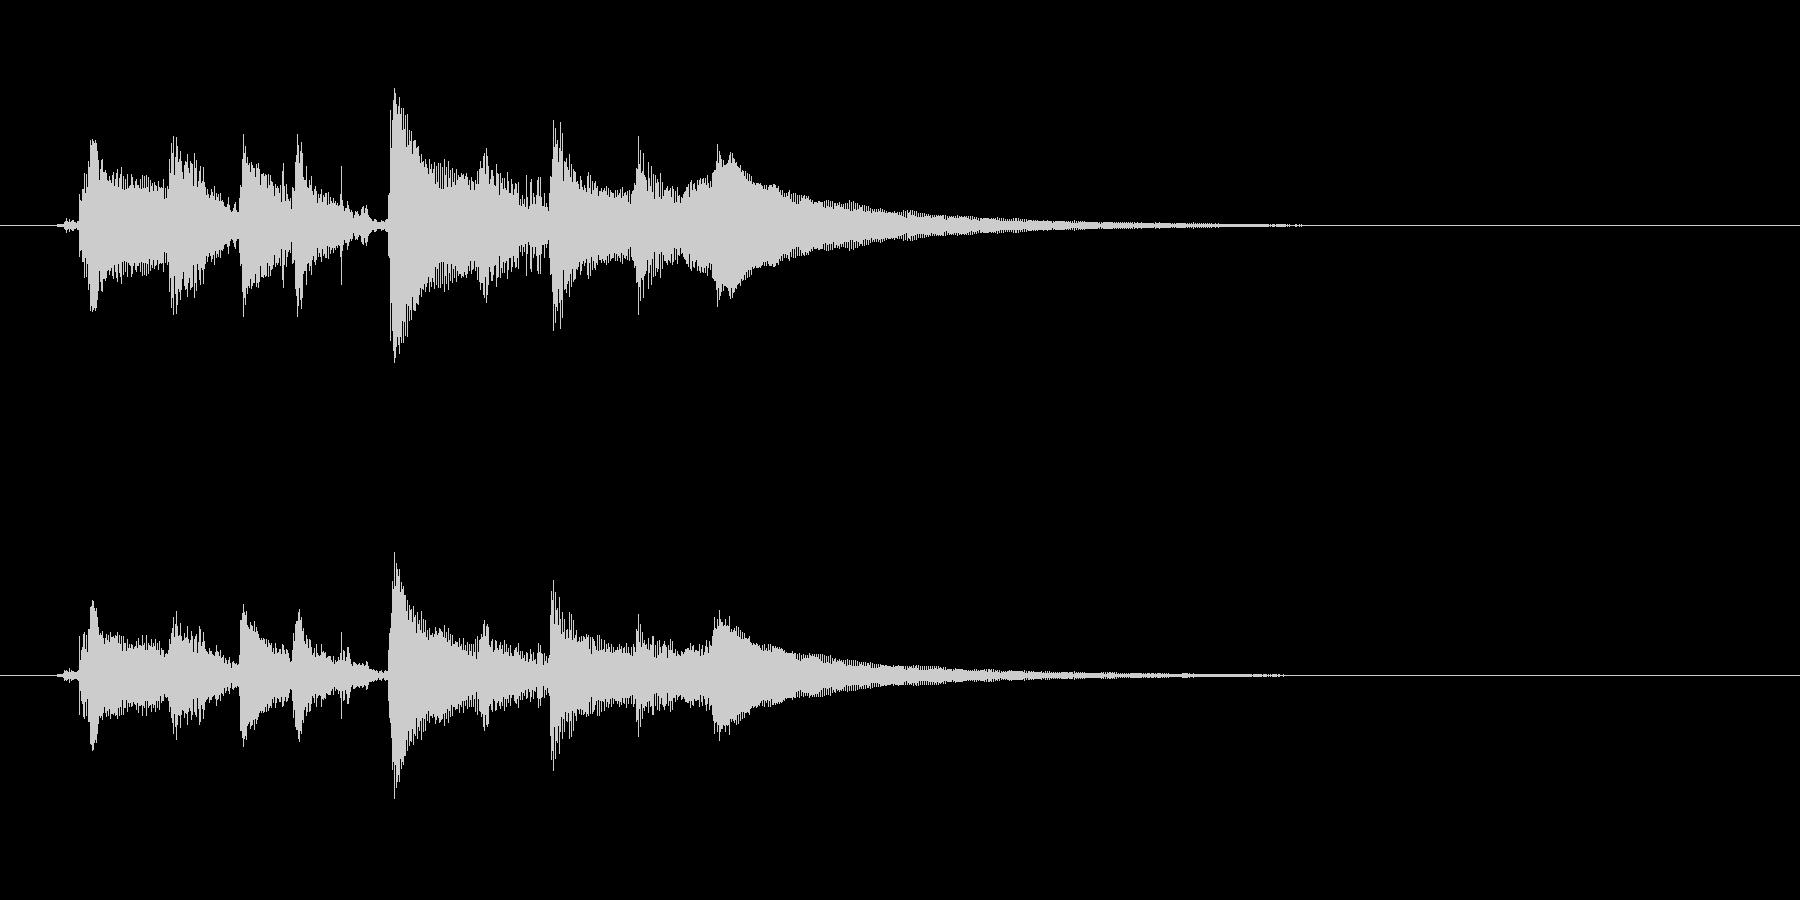 アコースティックギター、バラードコ...の未再生の波形